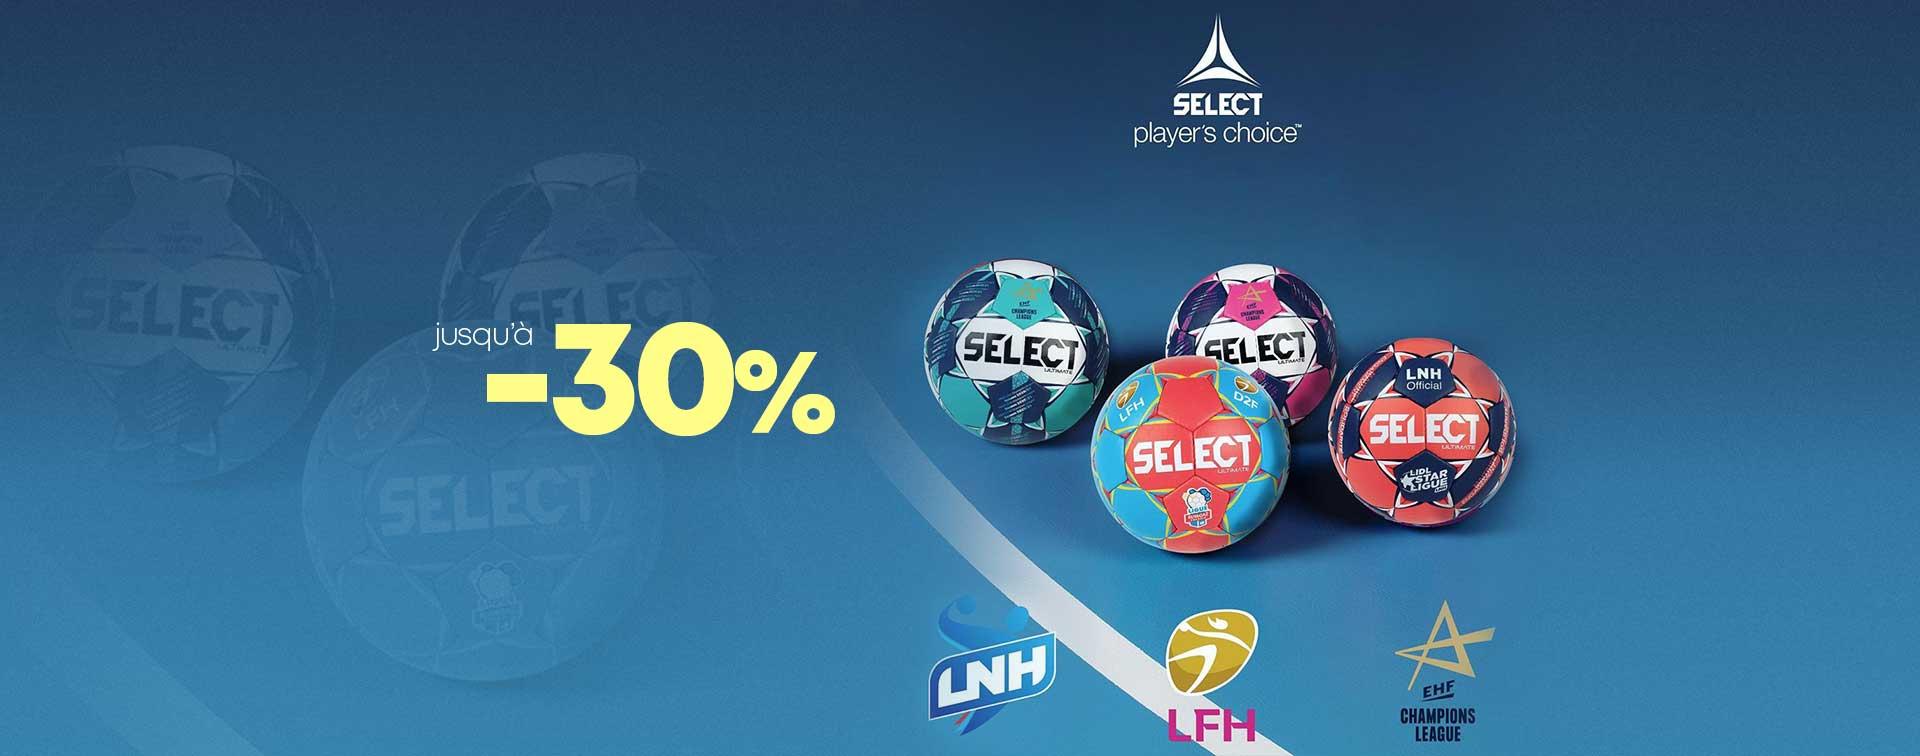 Promotions ballons Select jusqu'à -30%